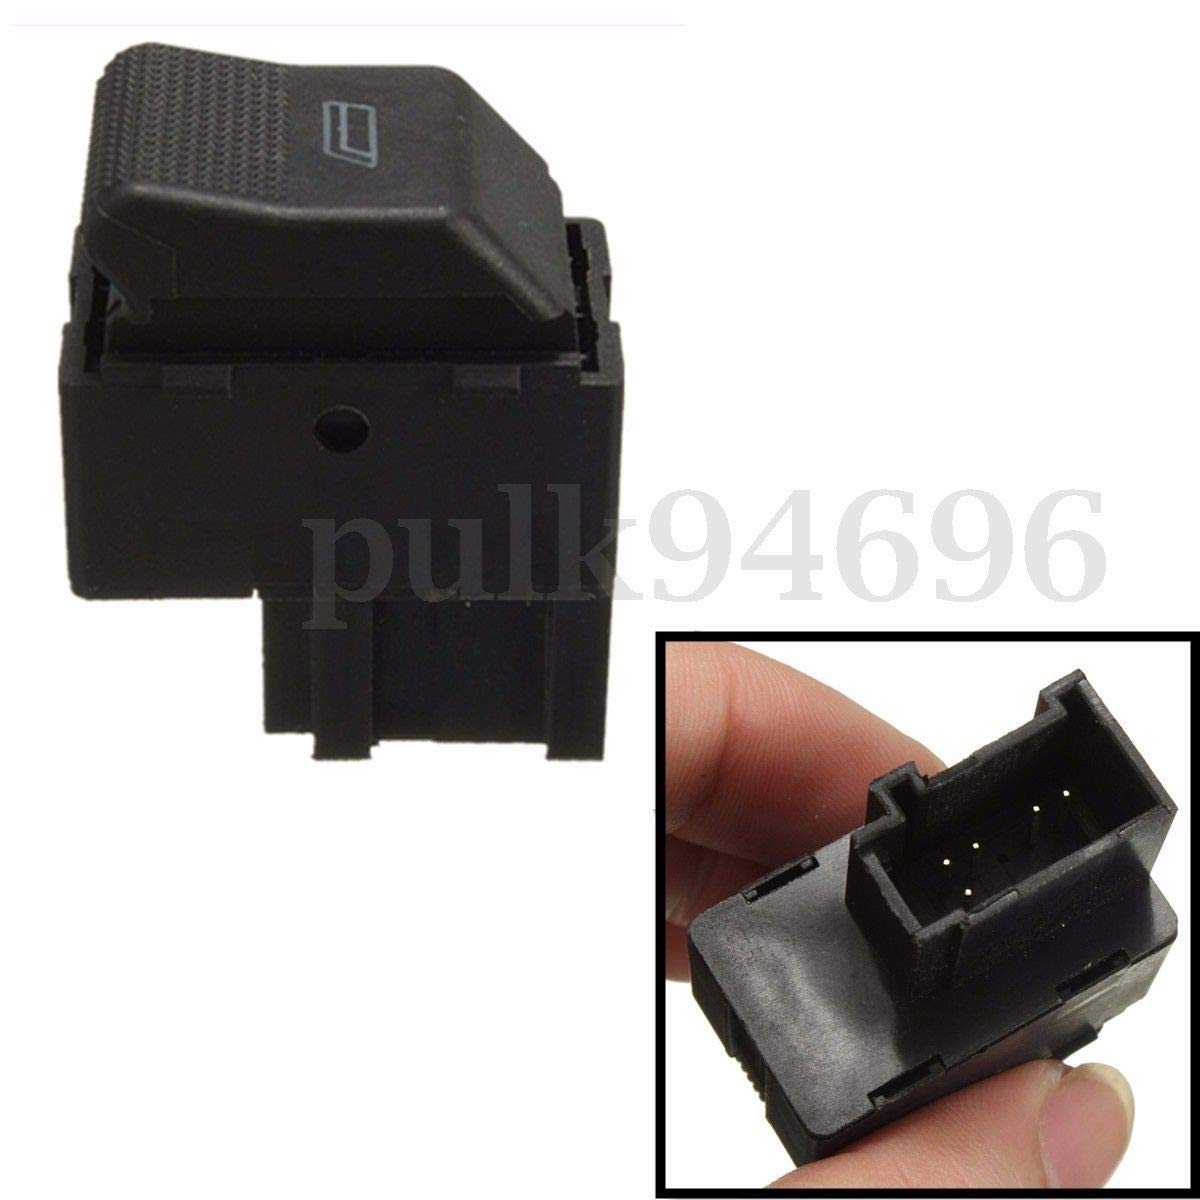 Bomcomi Universal Car elettrica di Controllo della Finestra Interruttore di Ricambio per Button Polo Lupo di Controllo Singola 6X0959855B